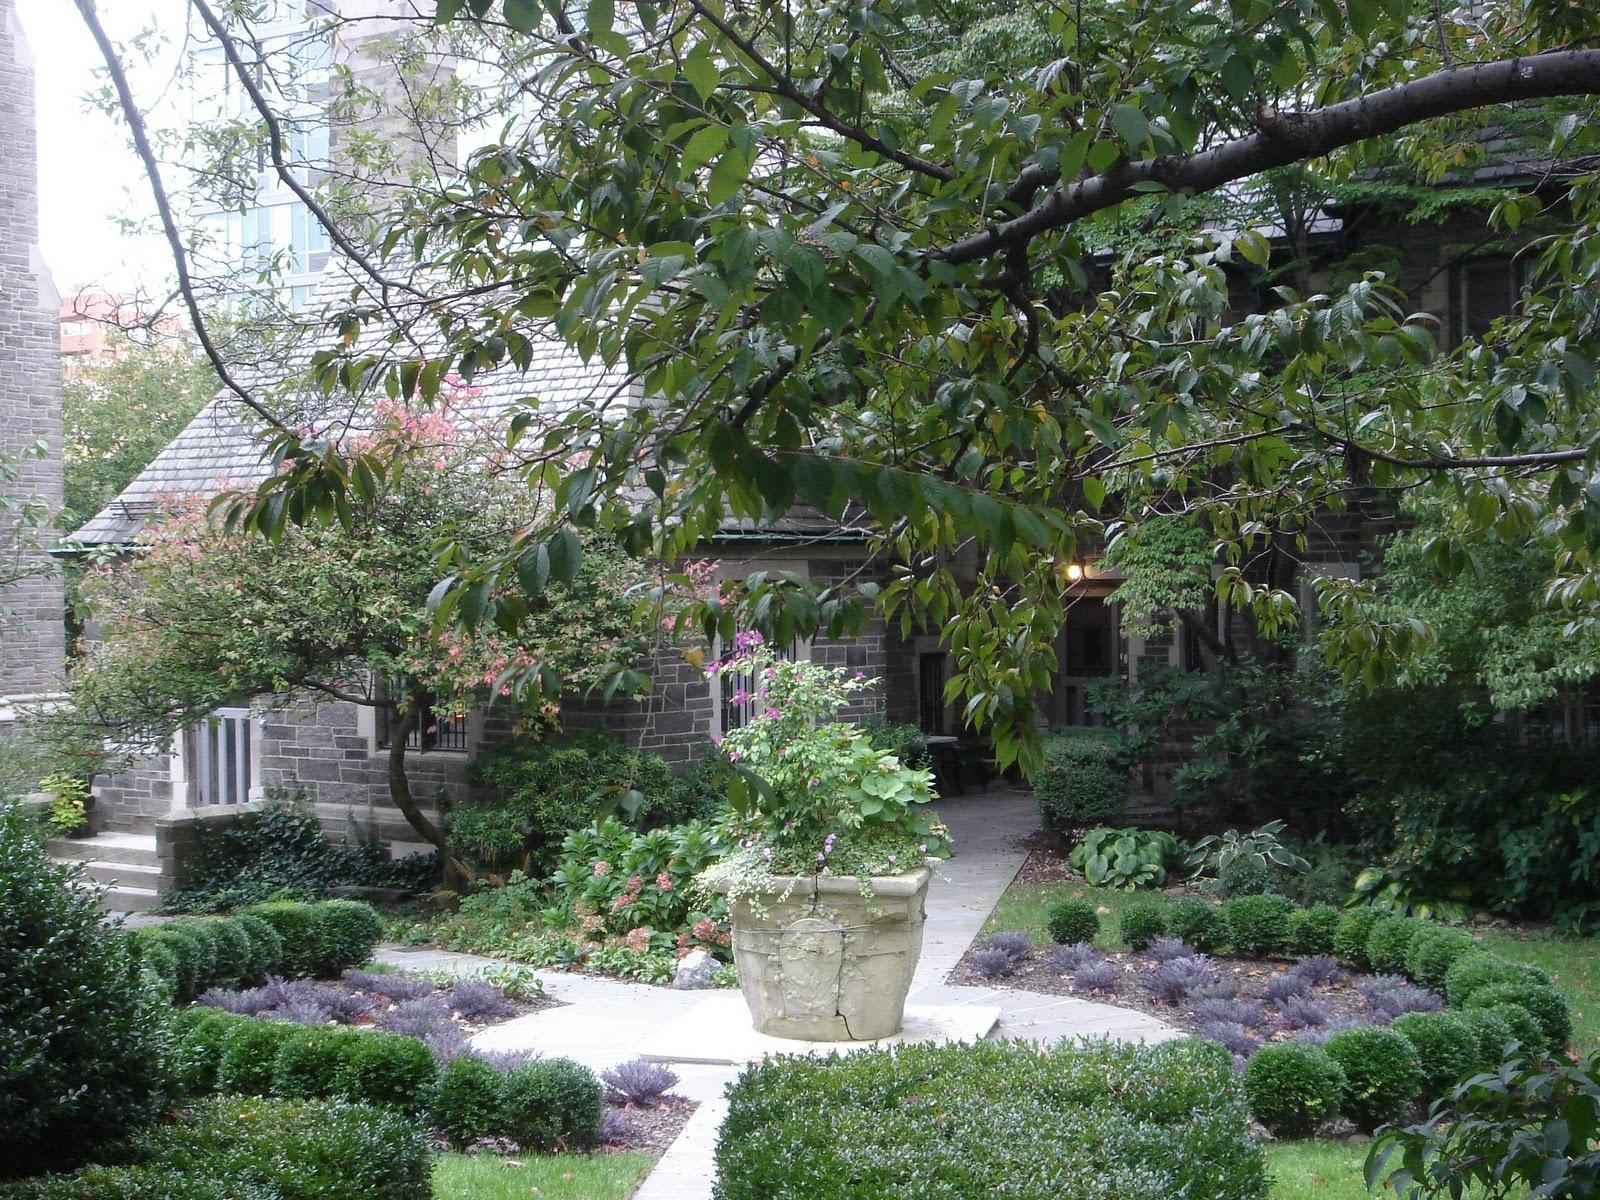 Vado a vivere in america diario per una vita il giardino segreto - Il giardino segreto banana ...